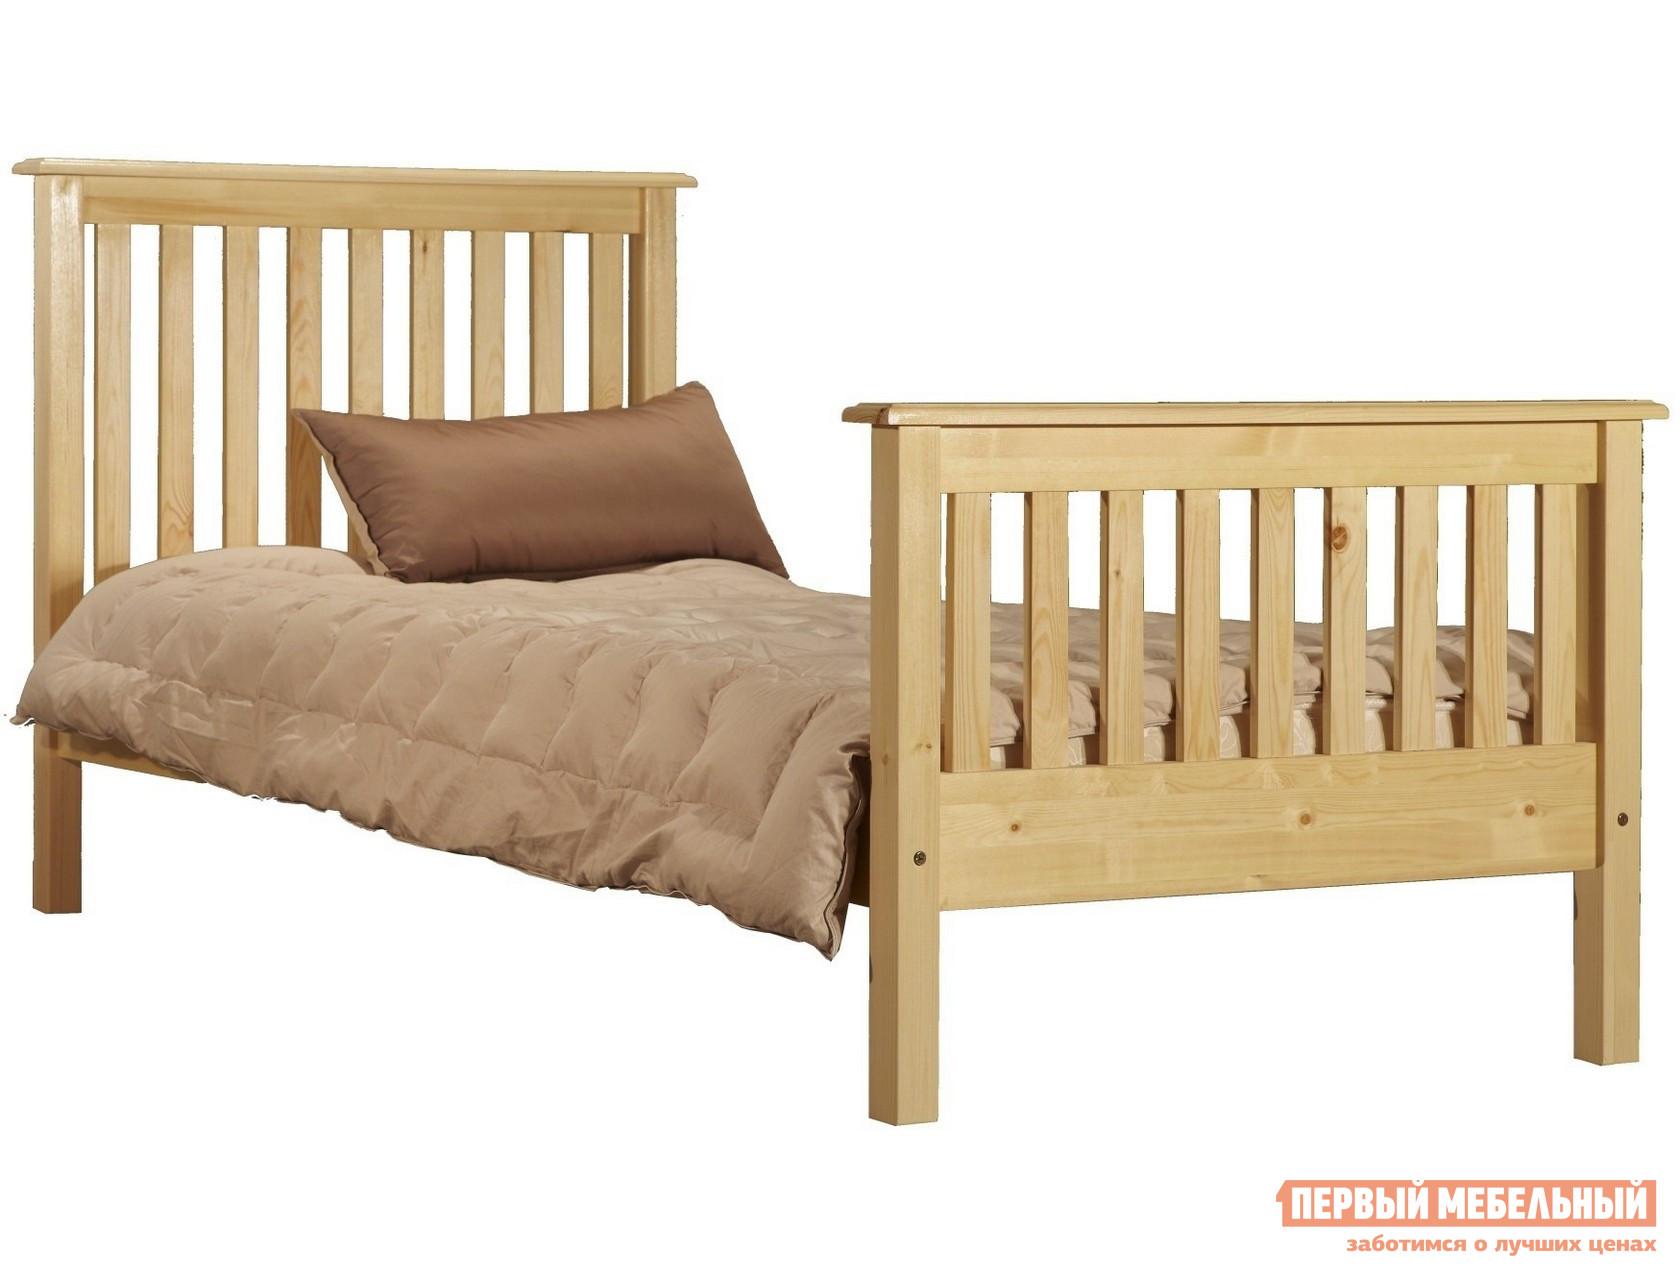 купить Деревянная двуспальная кровать Timberica Рина (R2) по цене 13160 рублей